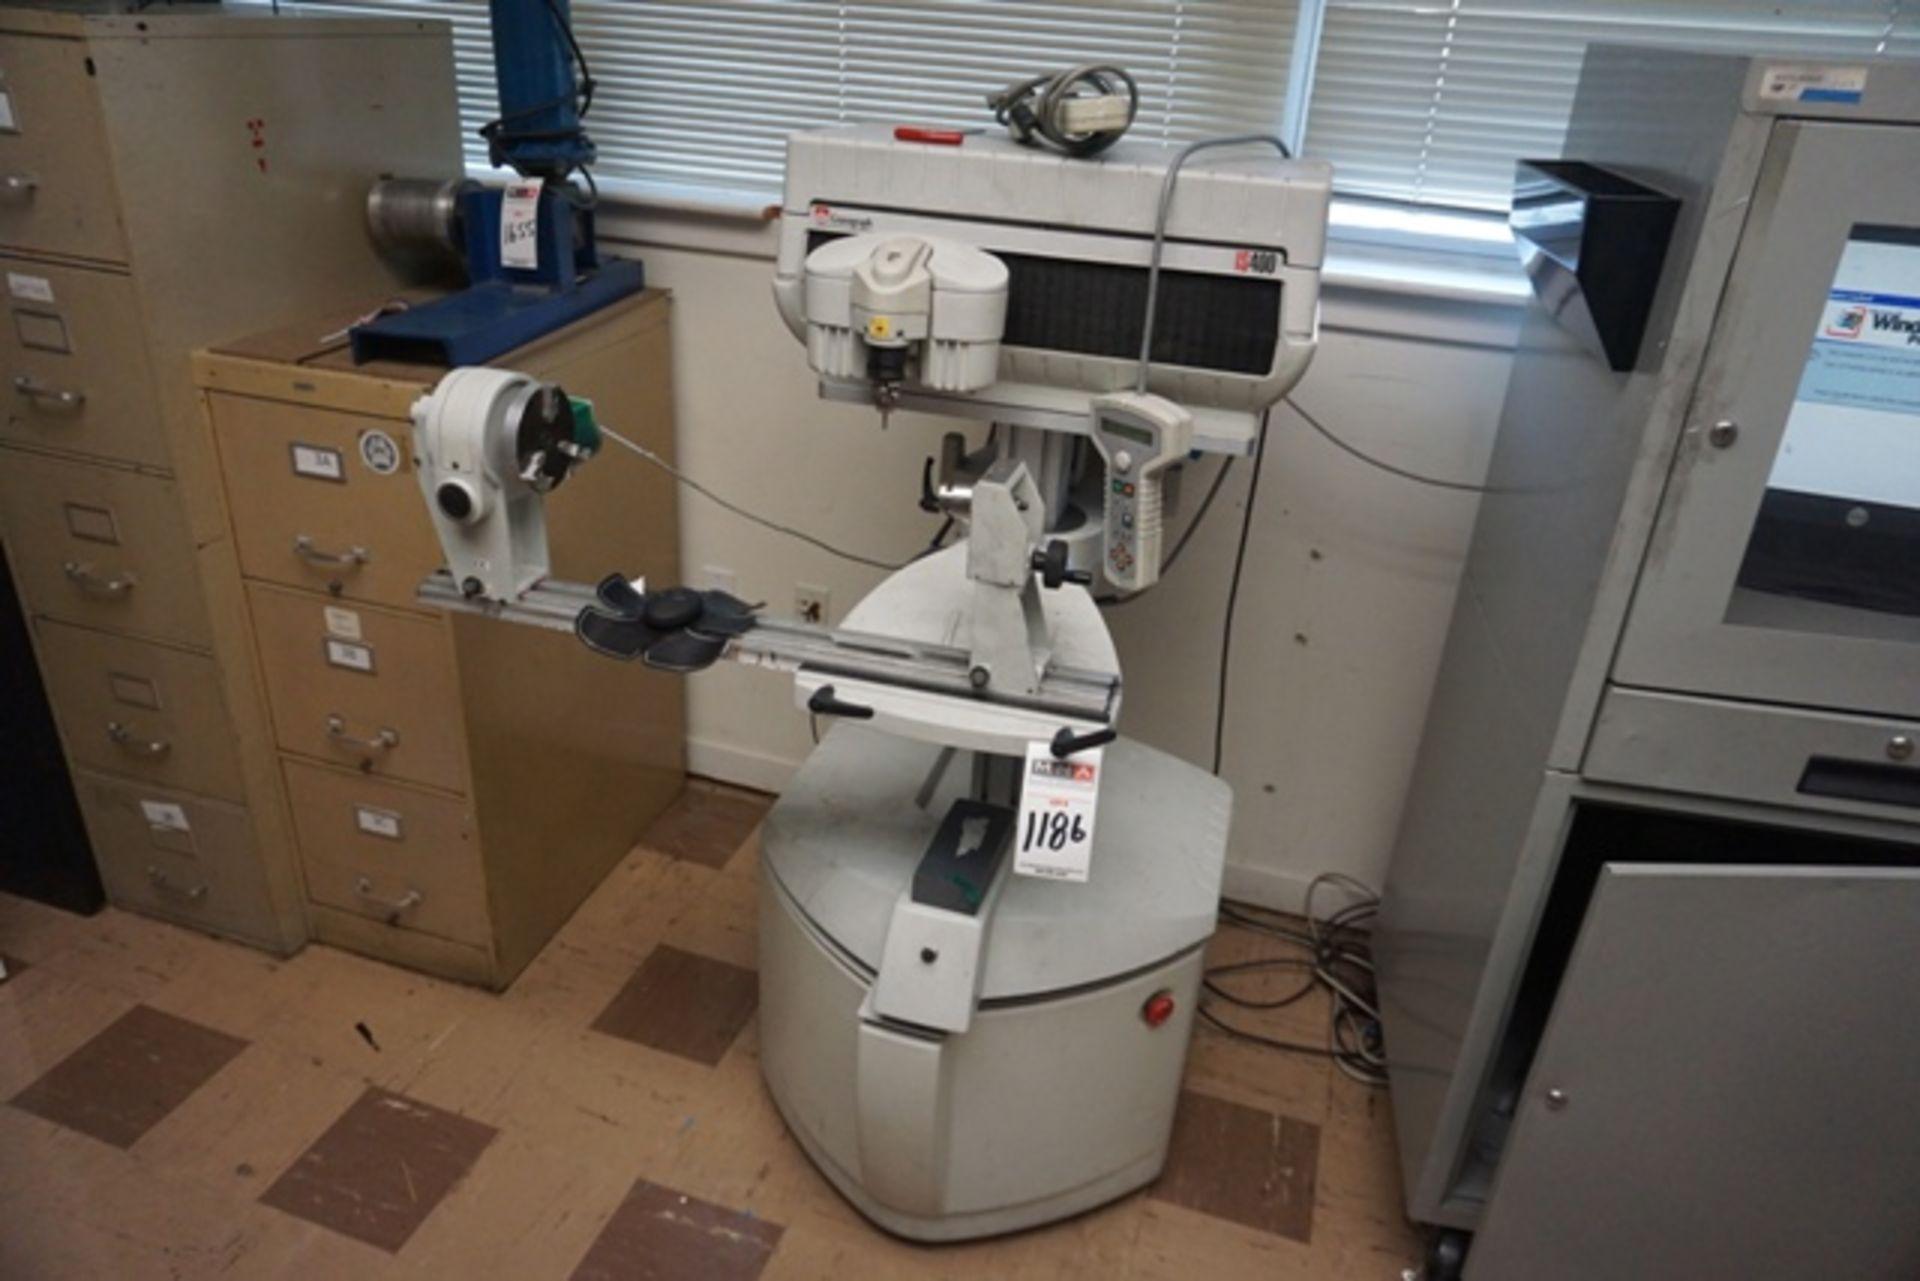 Lot 1186 - Hermes GravoGraph IS400 CNC Engraver